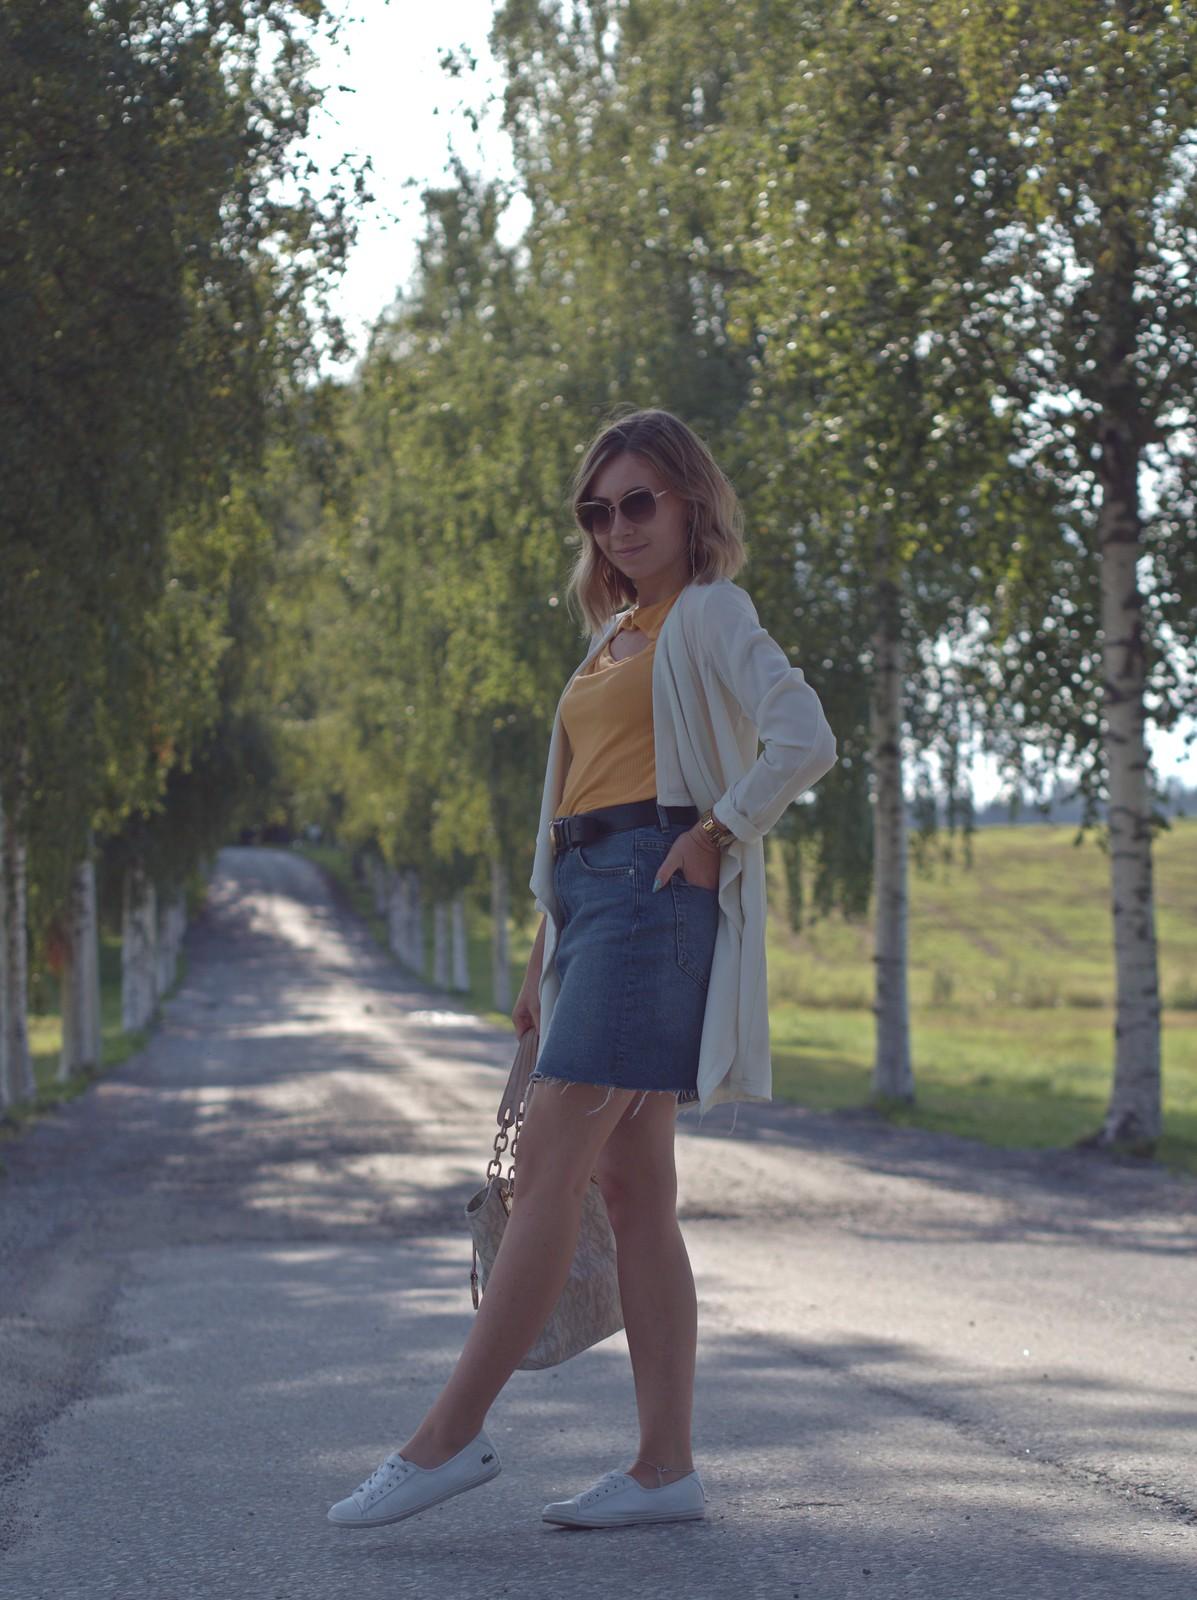 keltainen paita ja farkkuhame